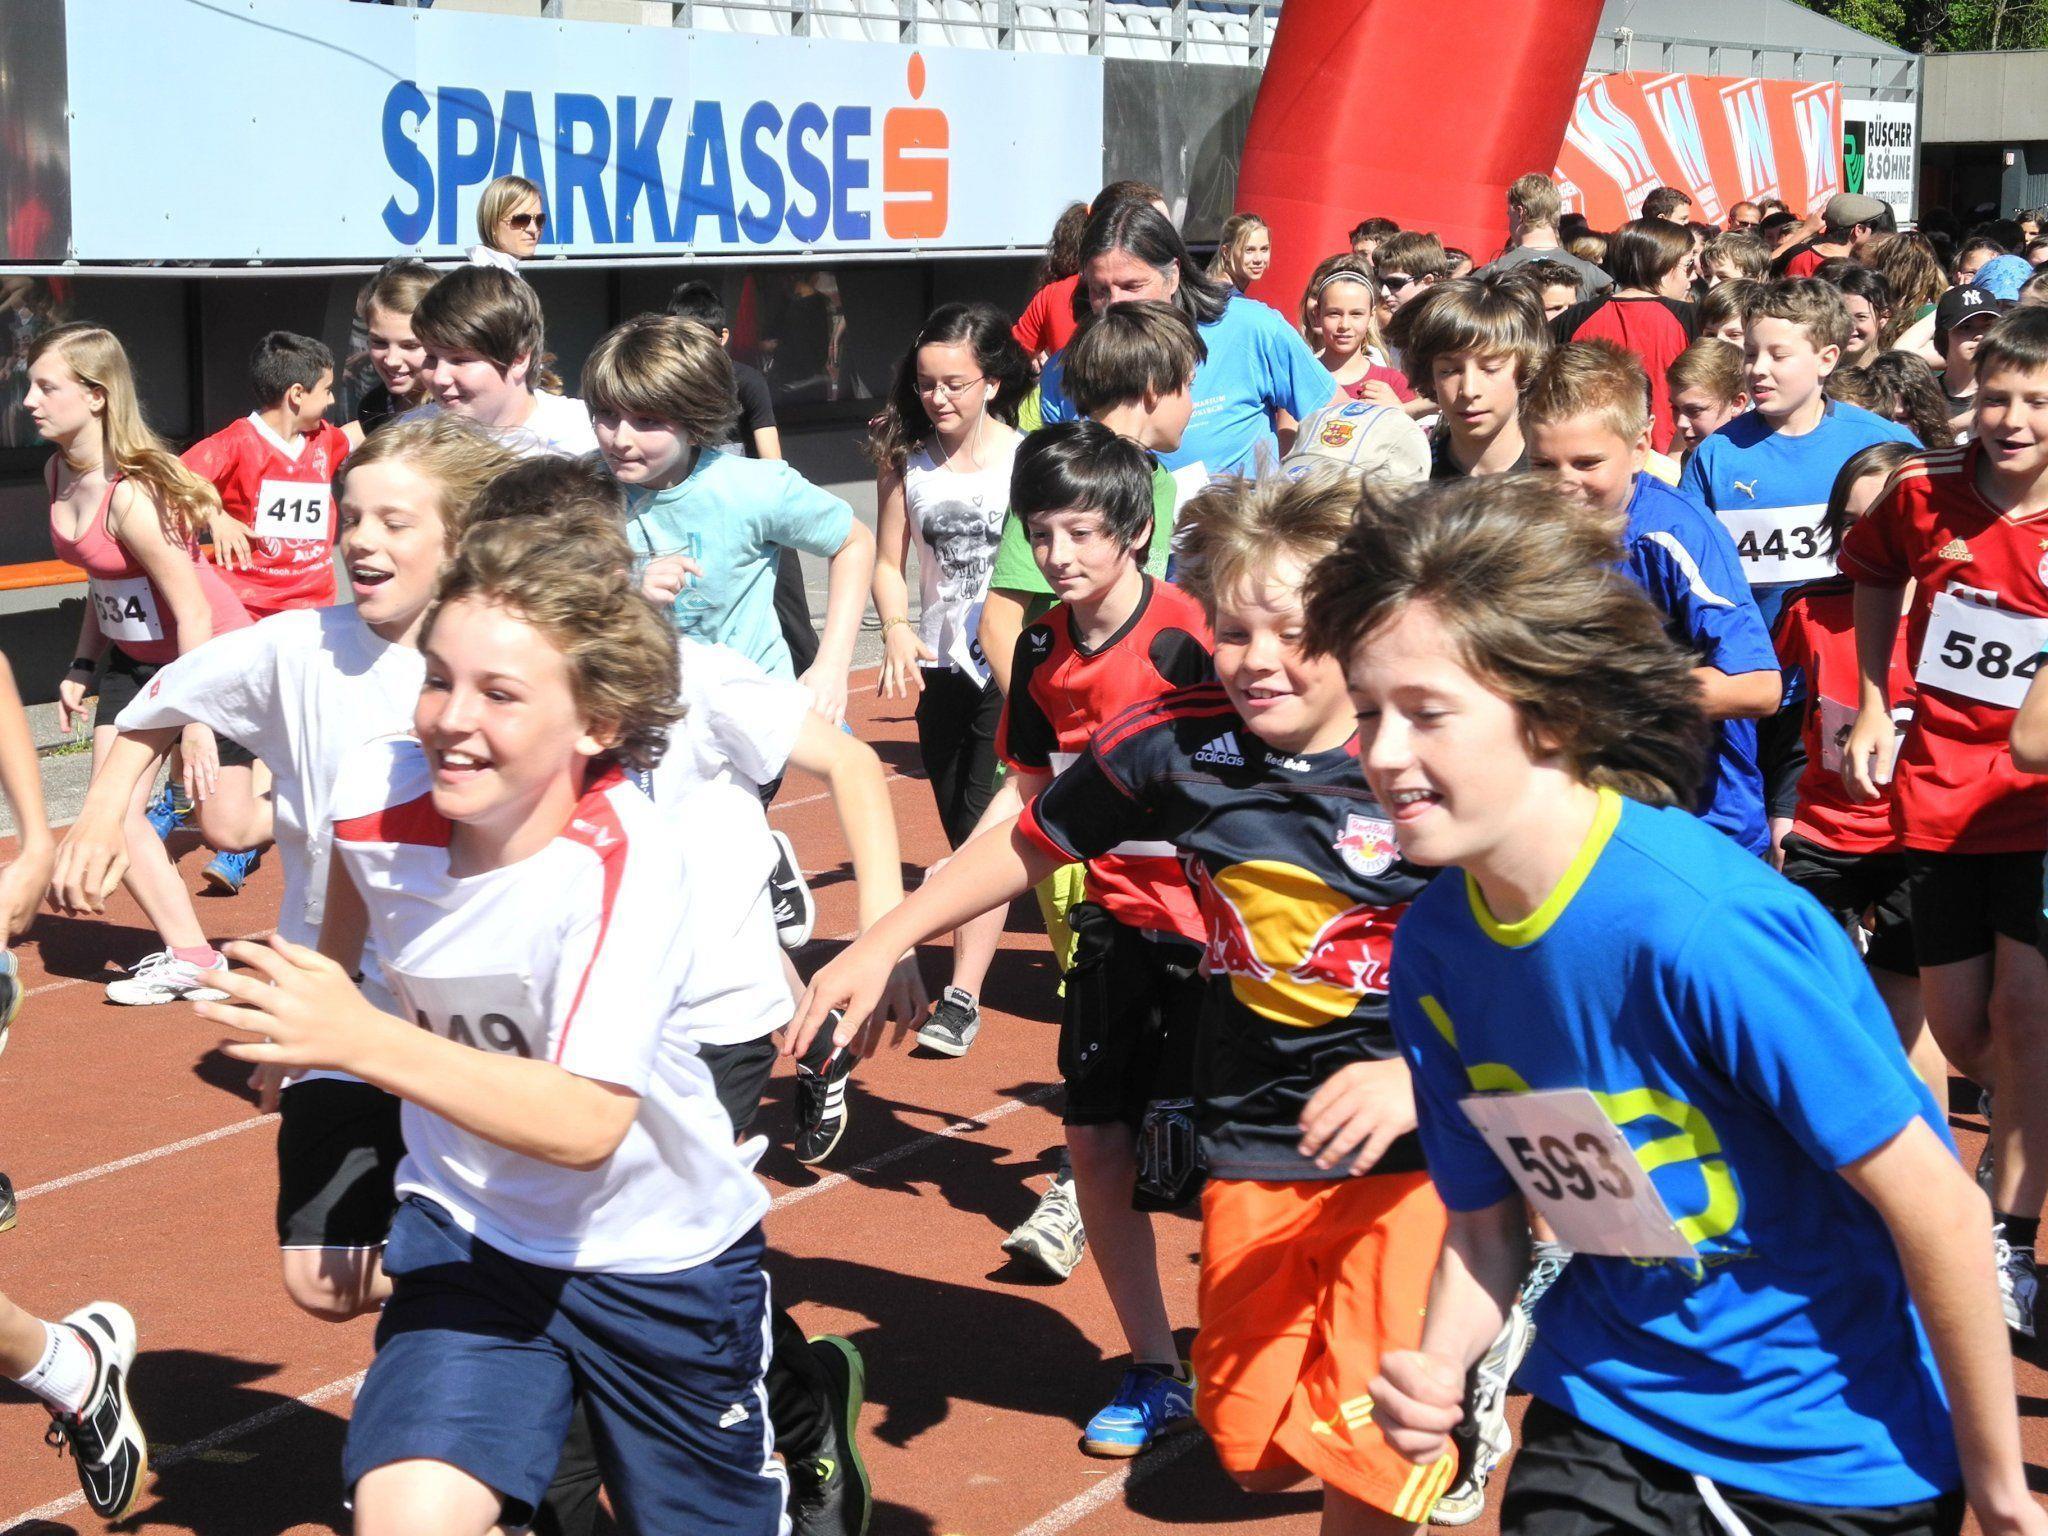 Mit großer Begeisterung und enormen Einsatz liefen die Schülerinnen und Schüler gegen die Armut in Vorarlberg